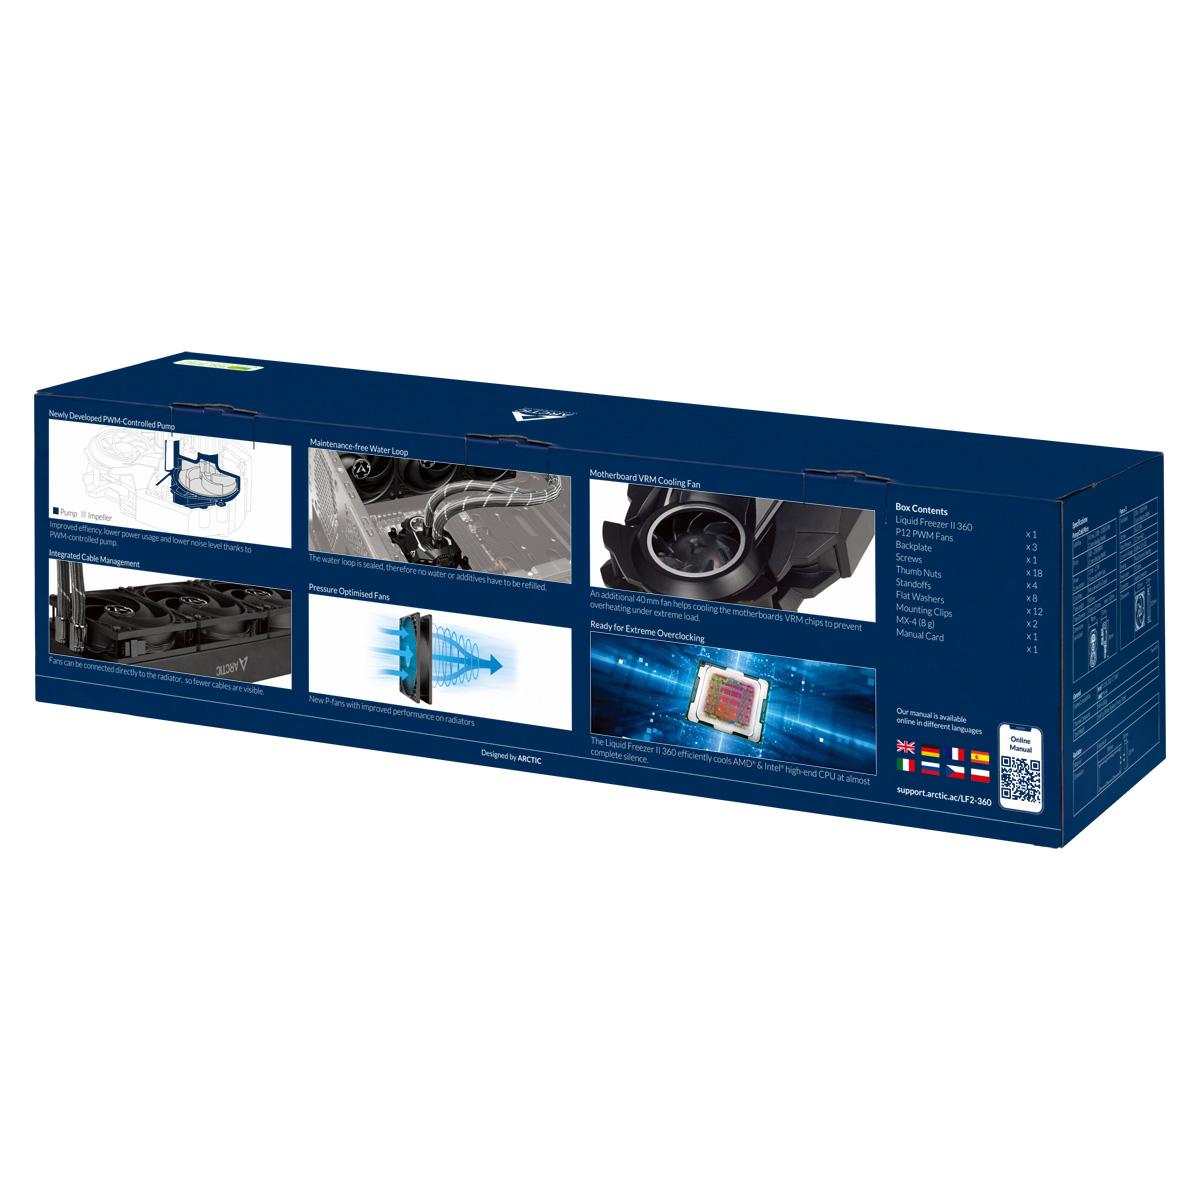 Multikompatibler AiO CPU-Wasserkühler ARCTIC Liquid Freezer II 360 Produktverpackung Rückansicht